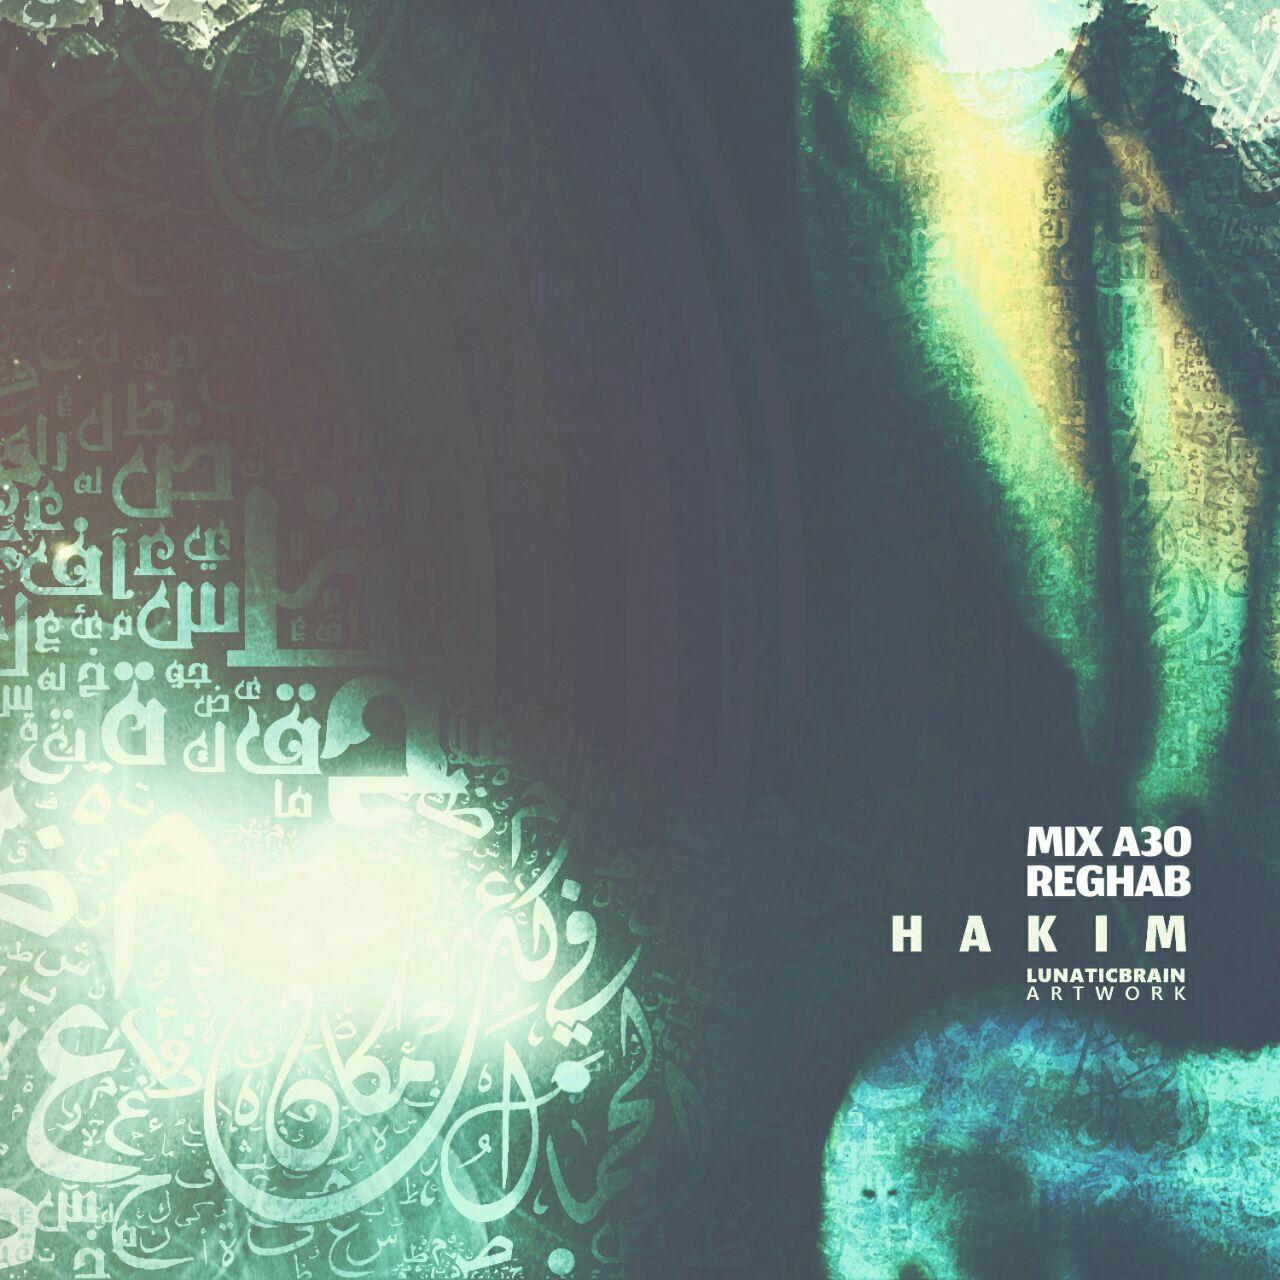 دانلود موزیک جدید و بسیار زیبای امیر رقاب به نام حکیم